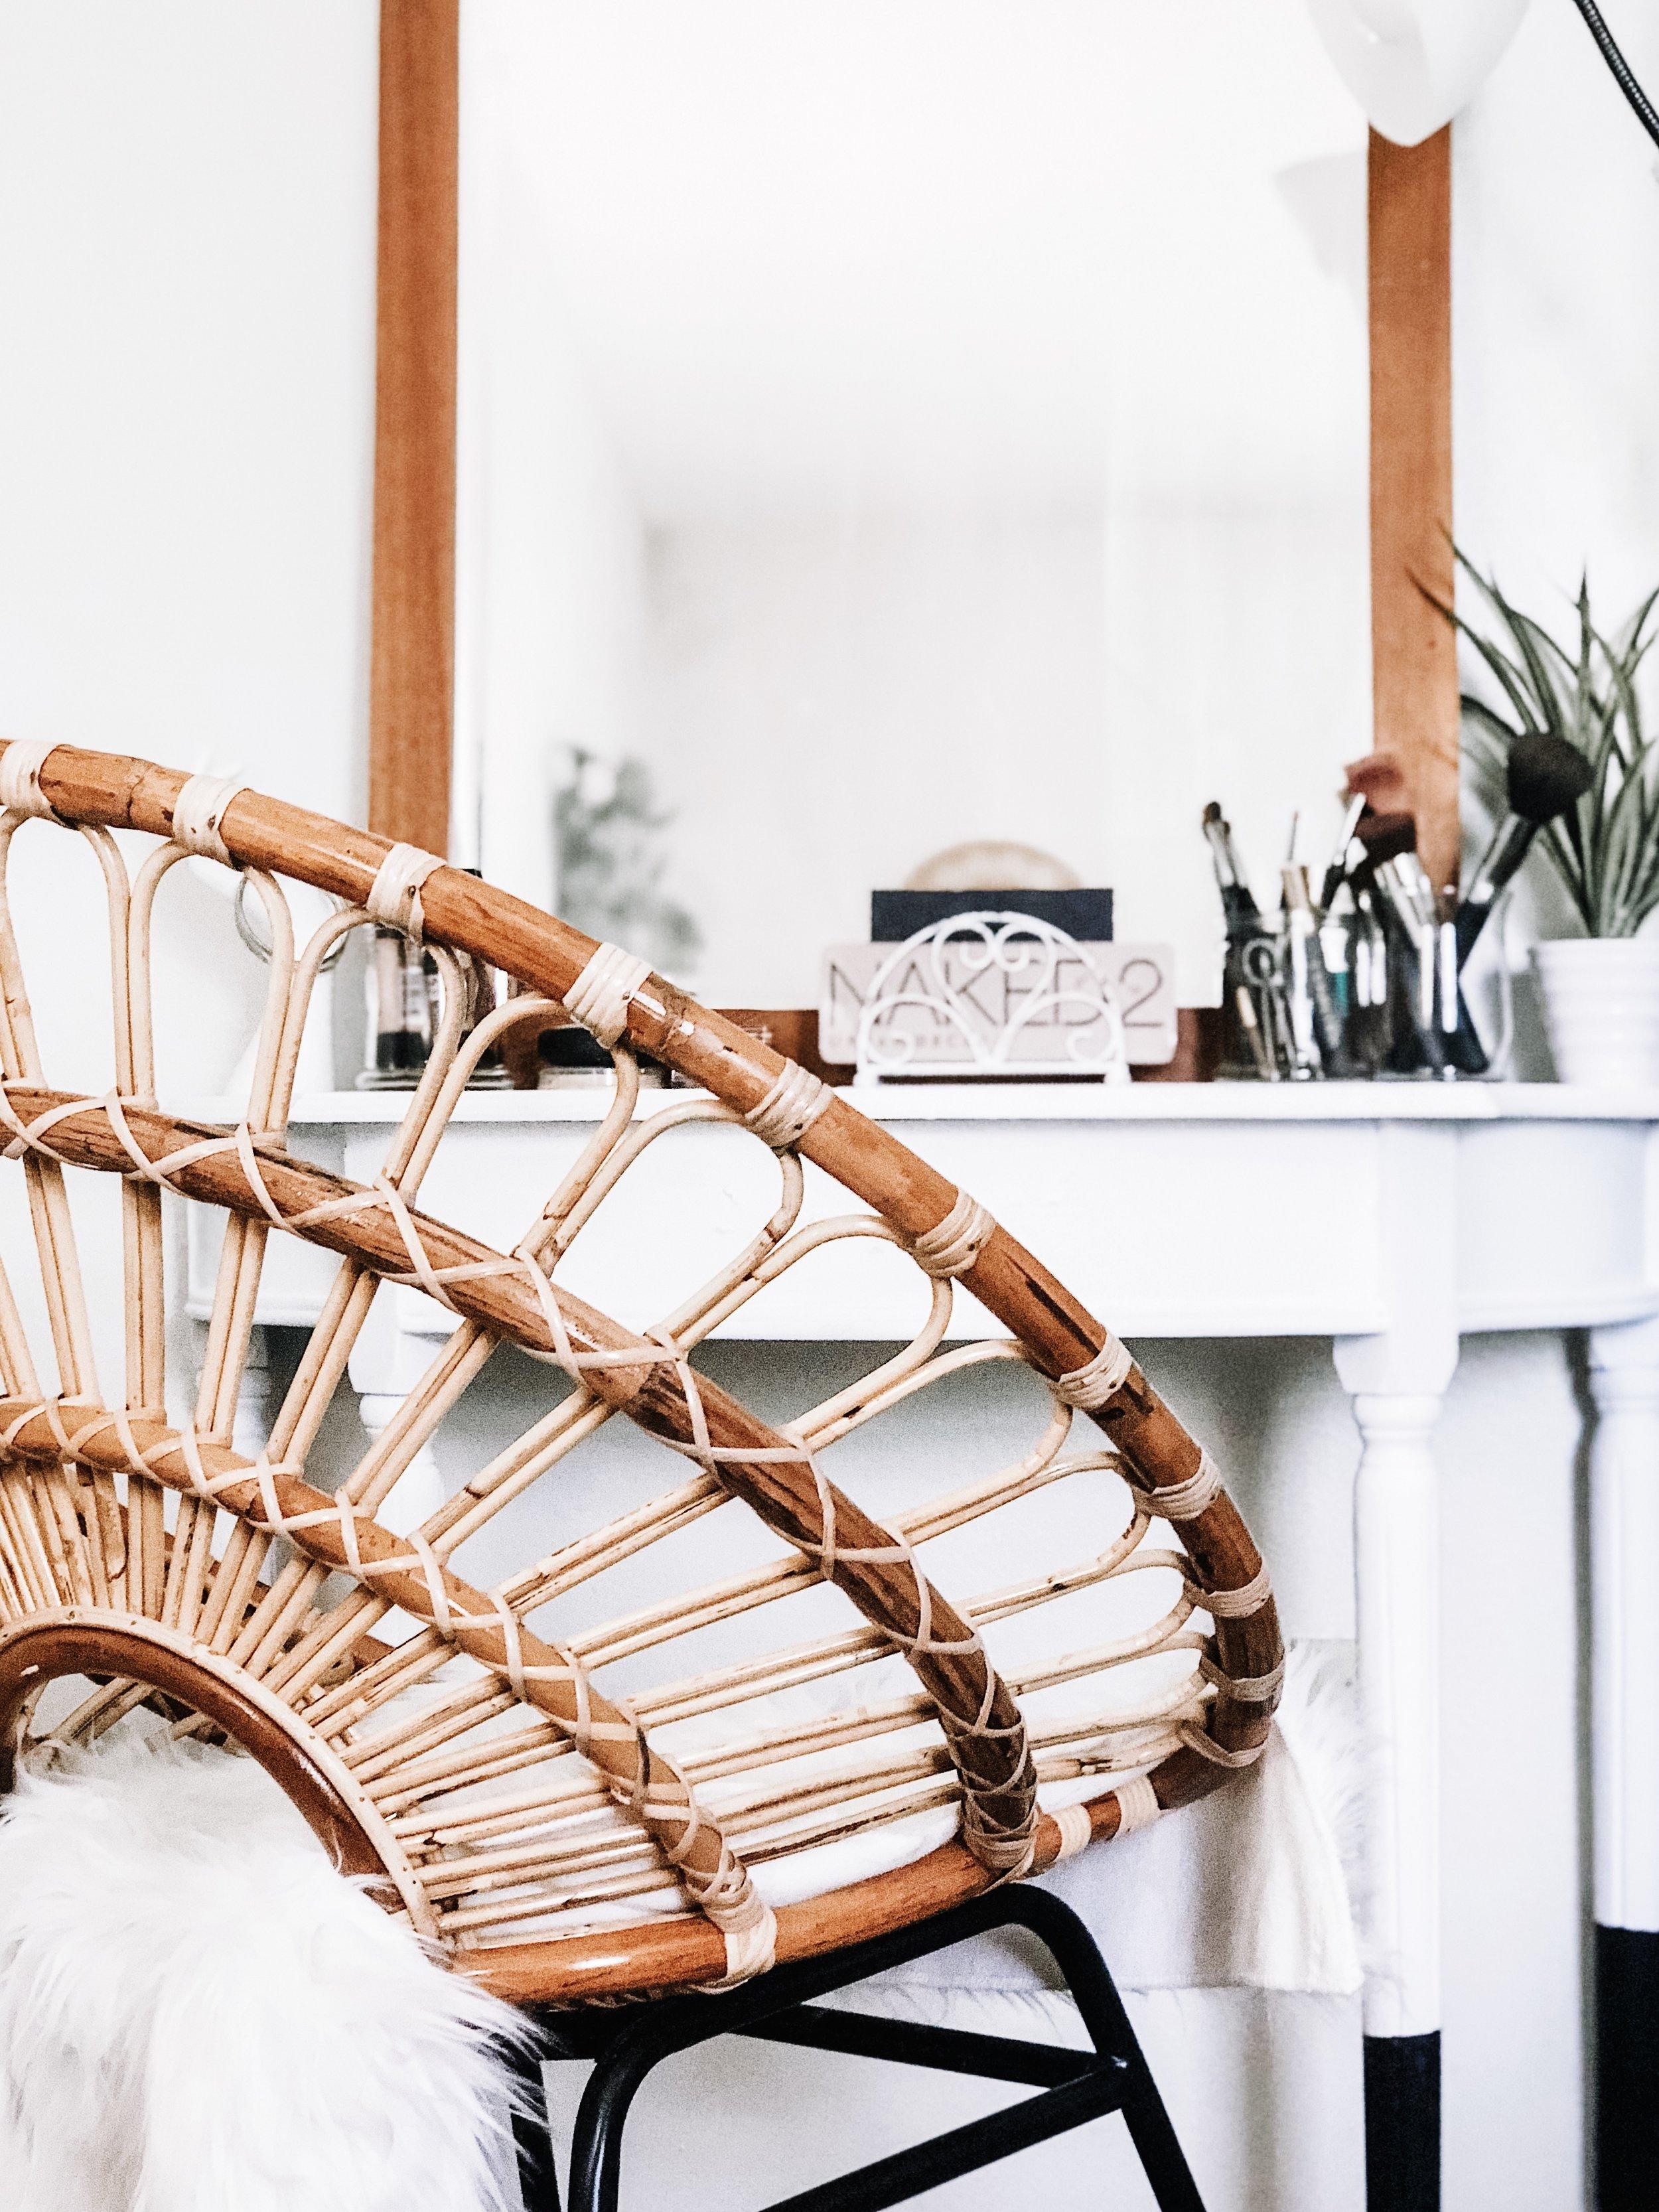 makeup-vanity-rattan-wicker-chair.jpg